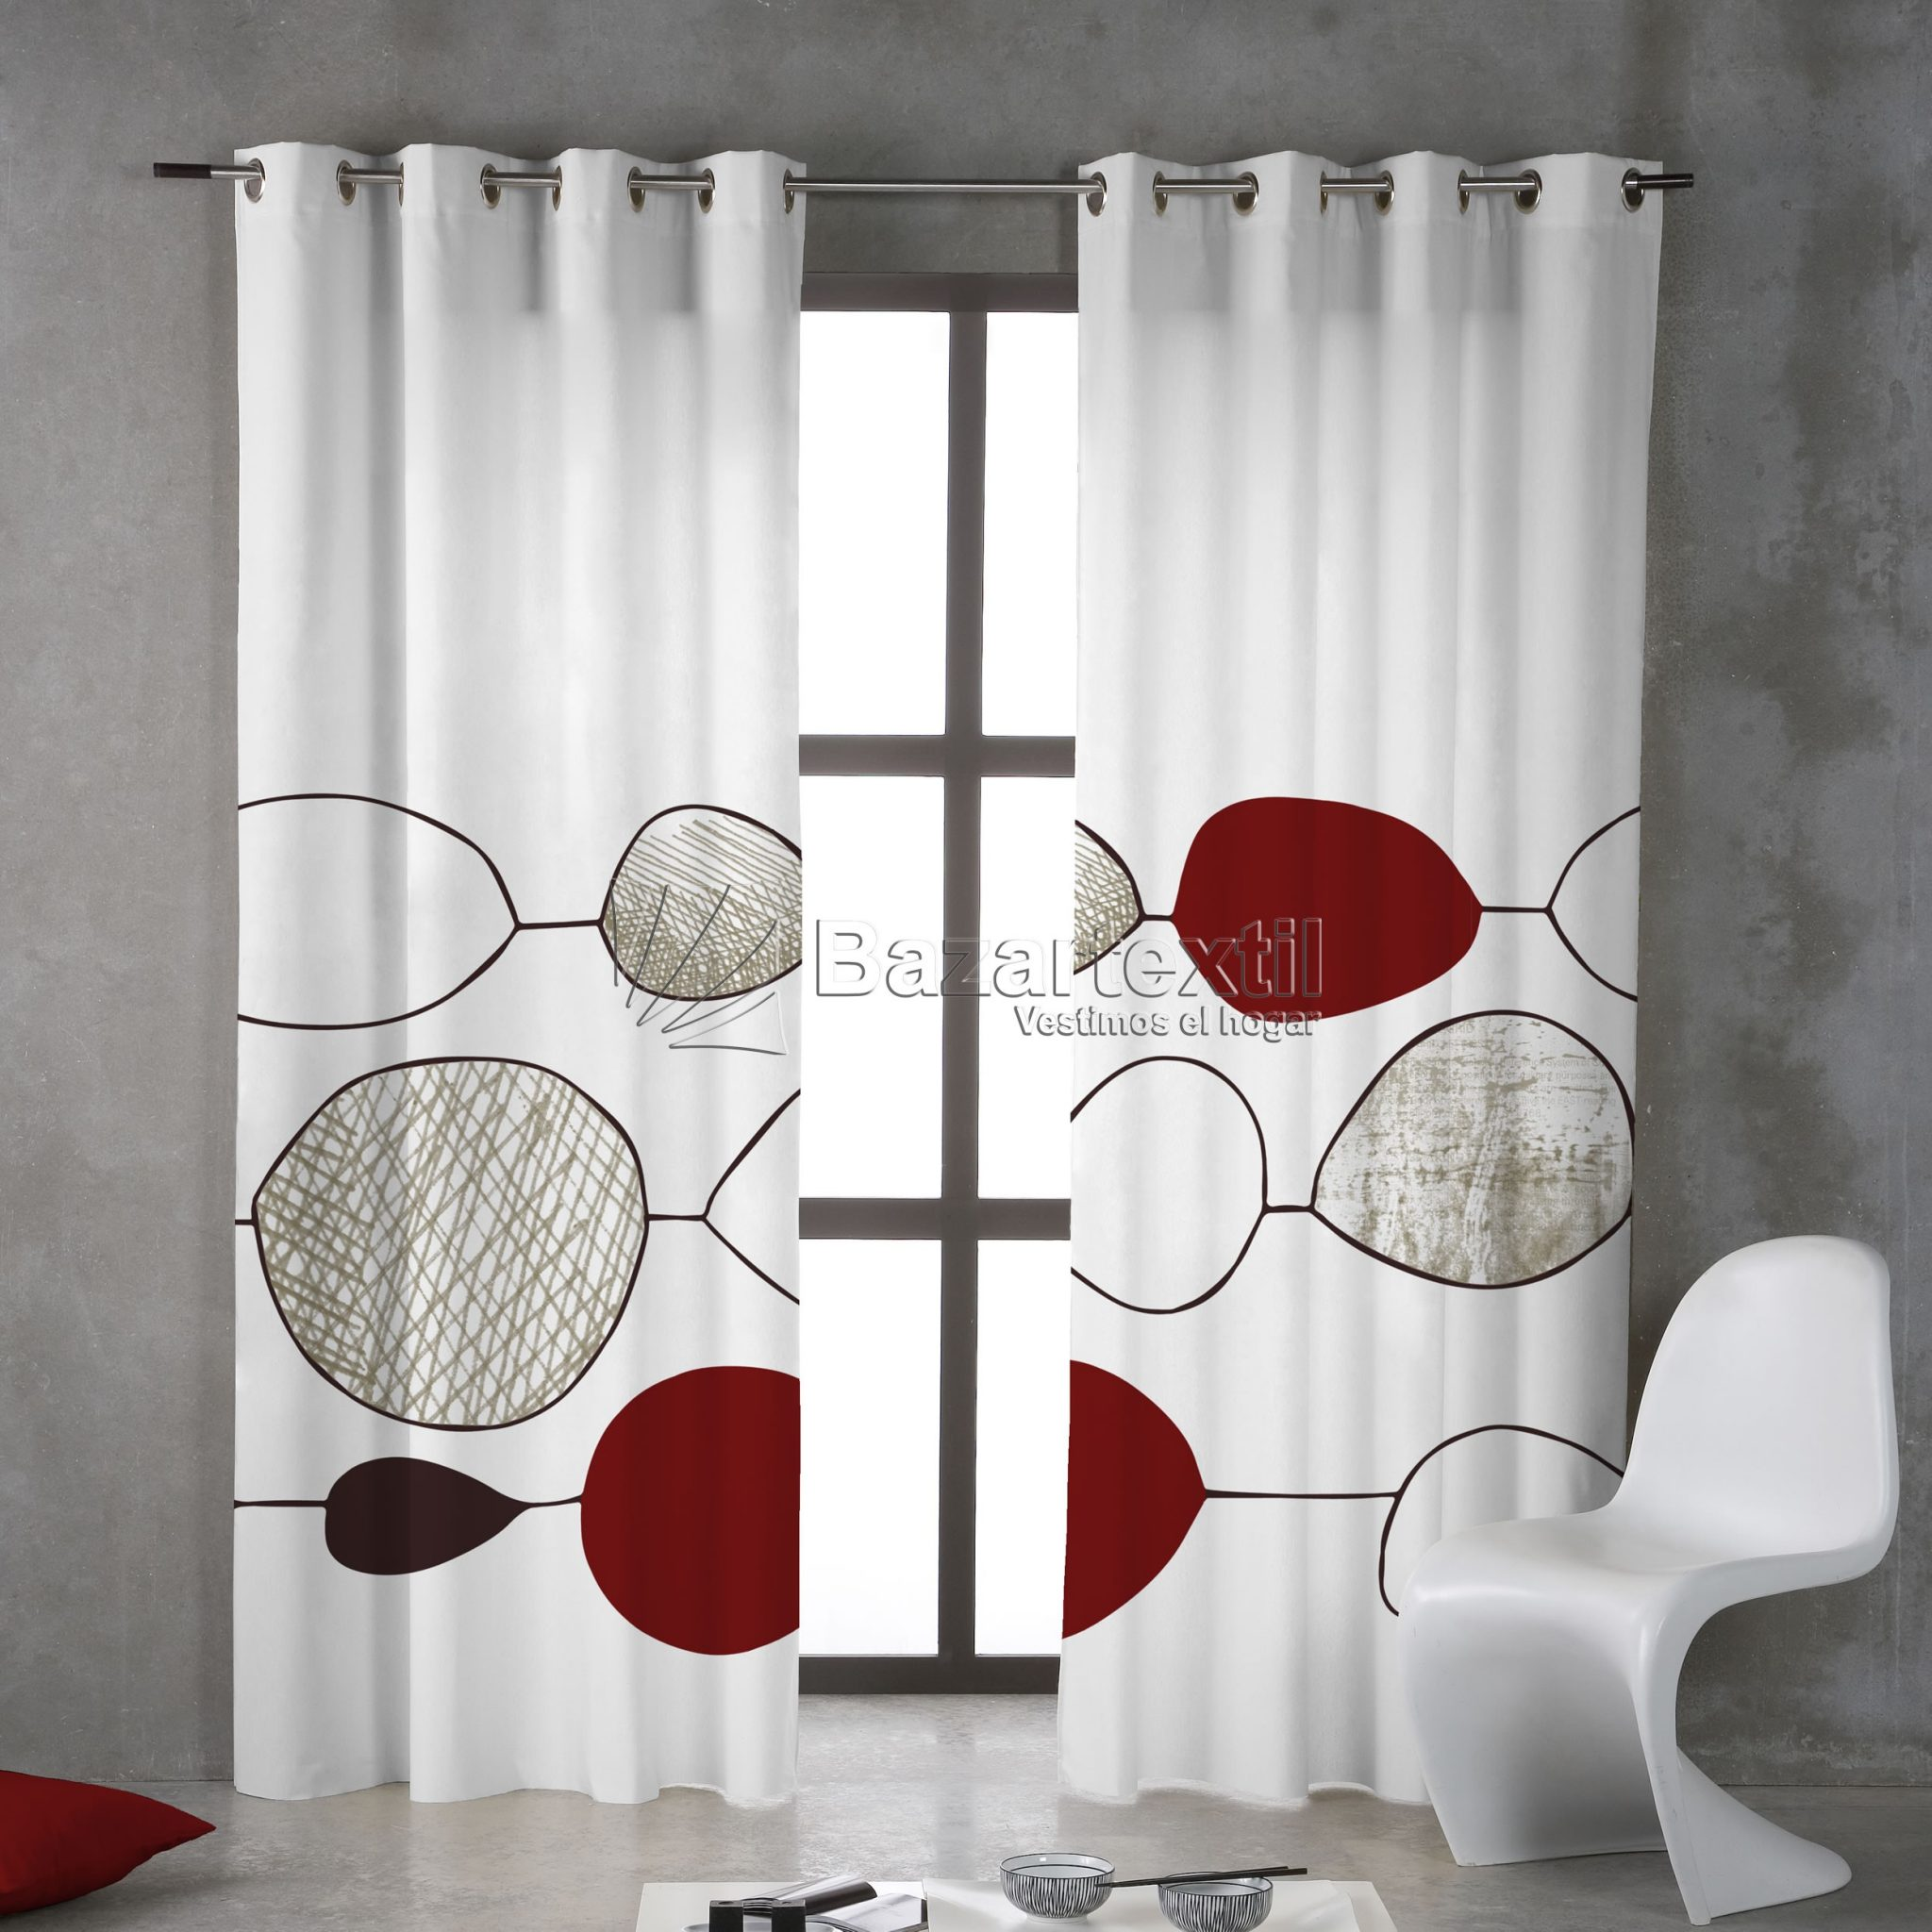 Cortinas De Baño Blancas:de modelos diferentes para seleccionar; el diseño de cortinas